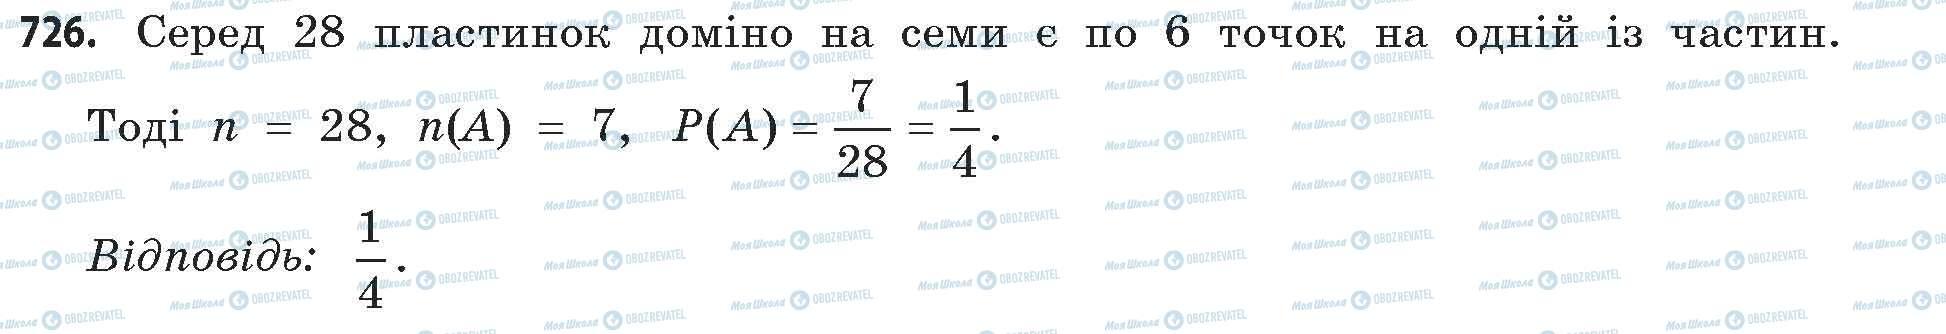 ГДЗ Математика 11 класс страница 726